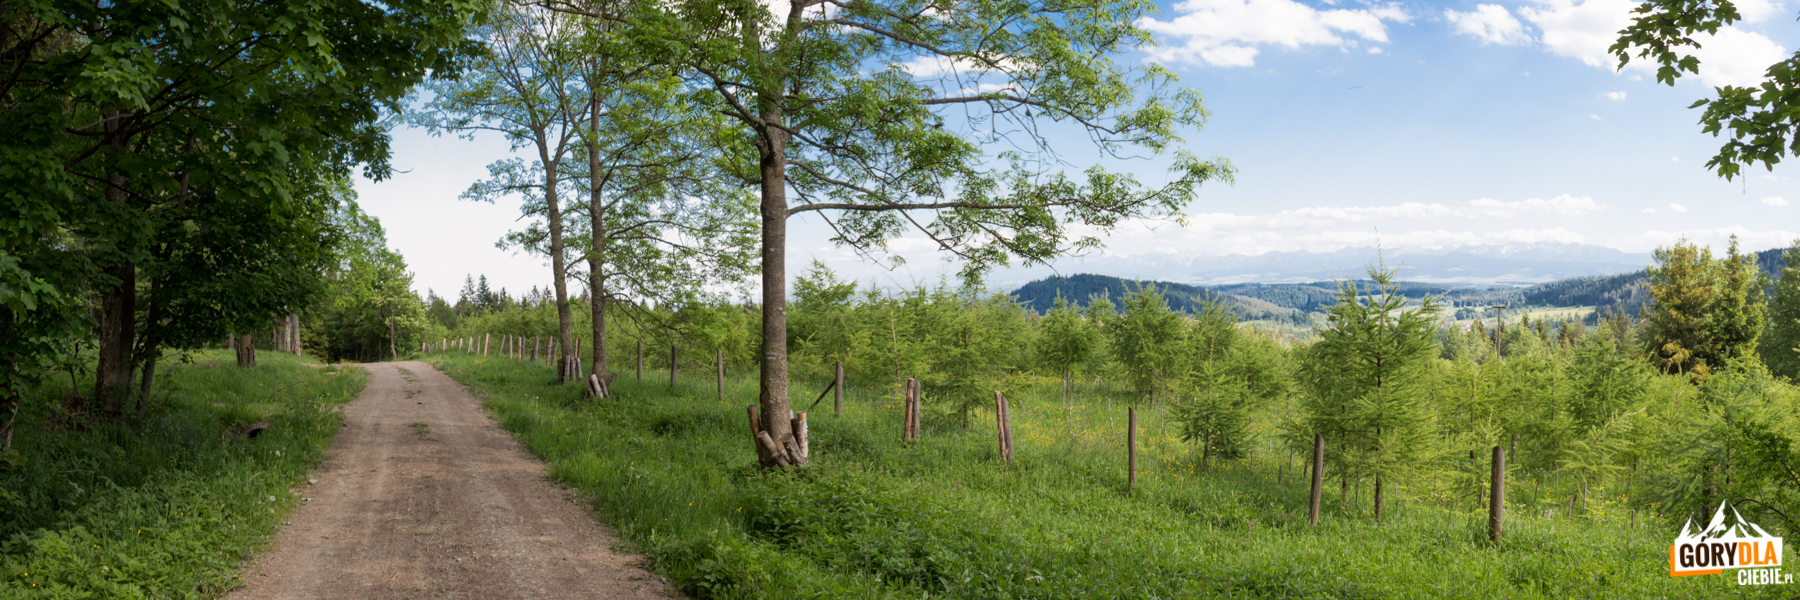 Droga z Czyżów Wierszek do Stańcowej